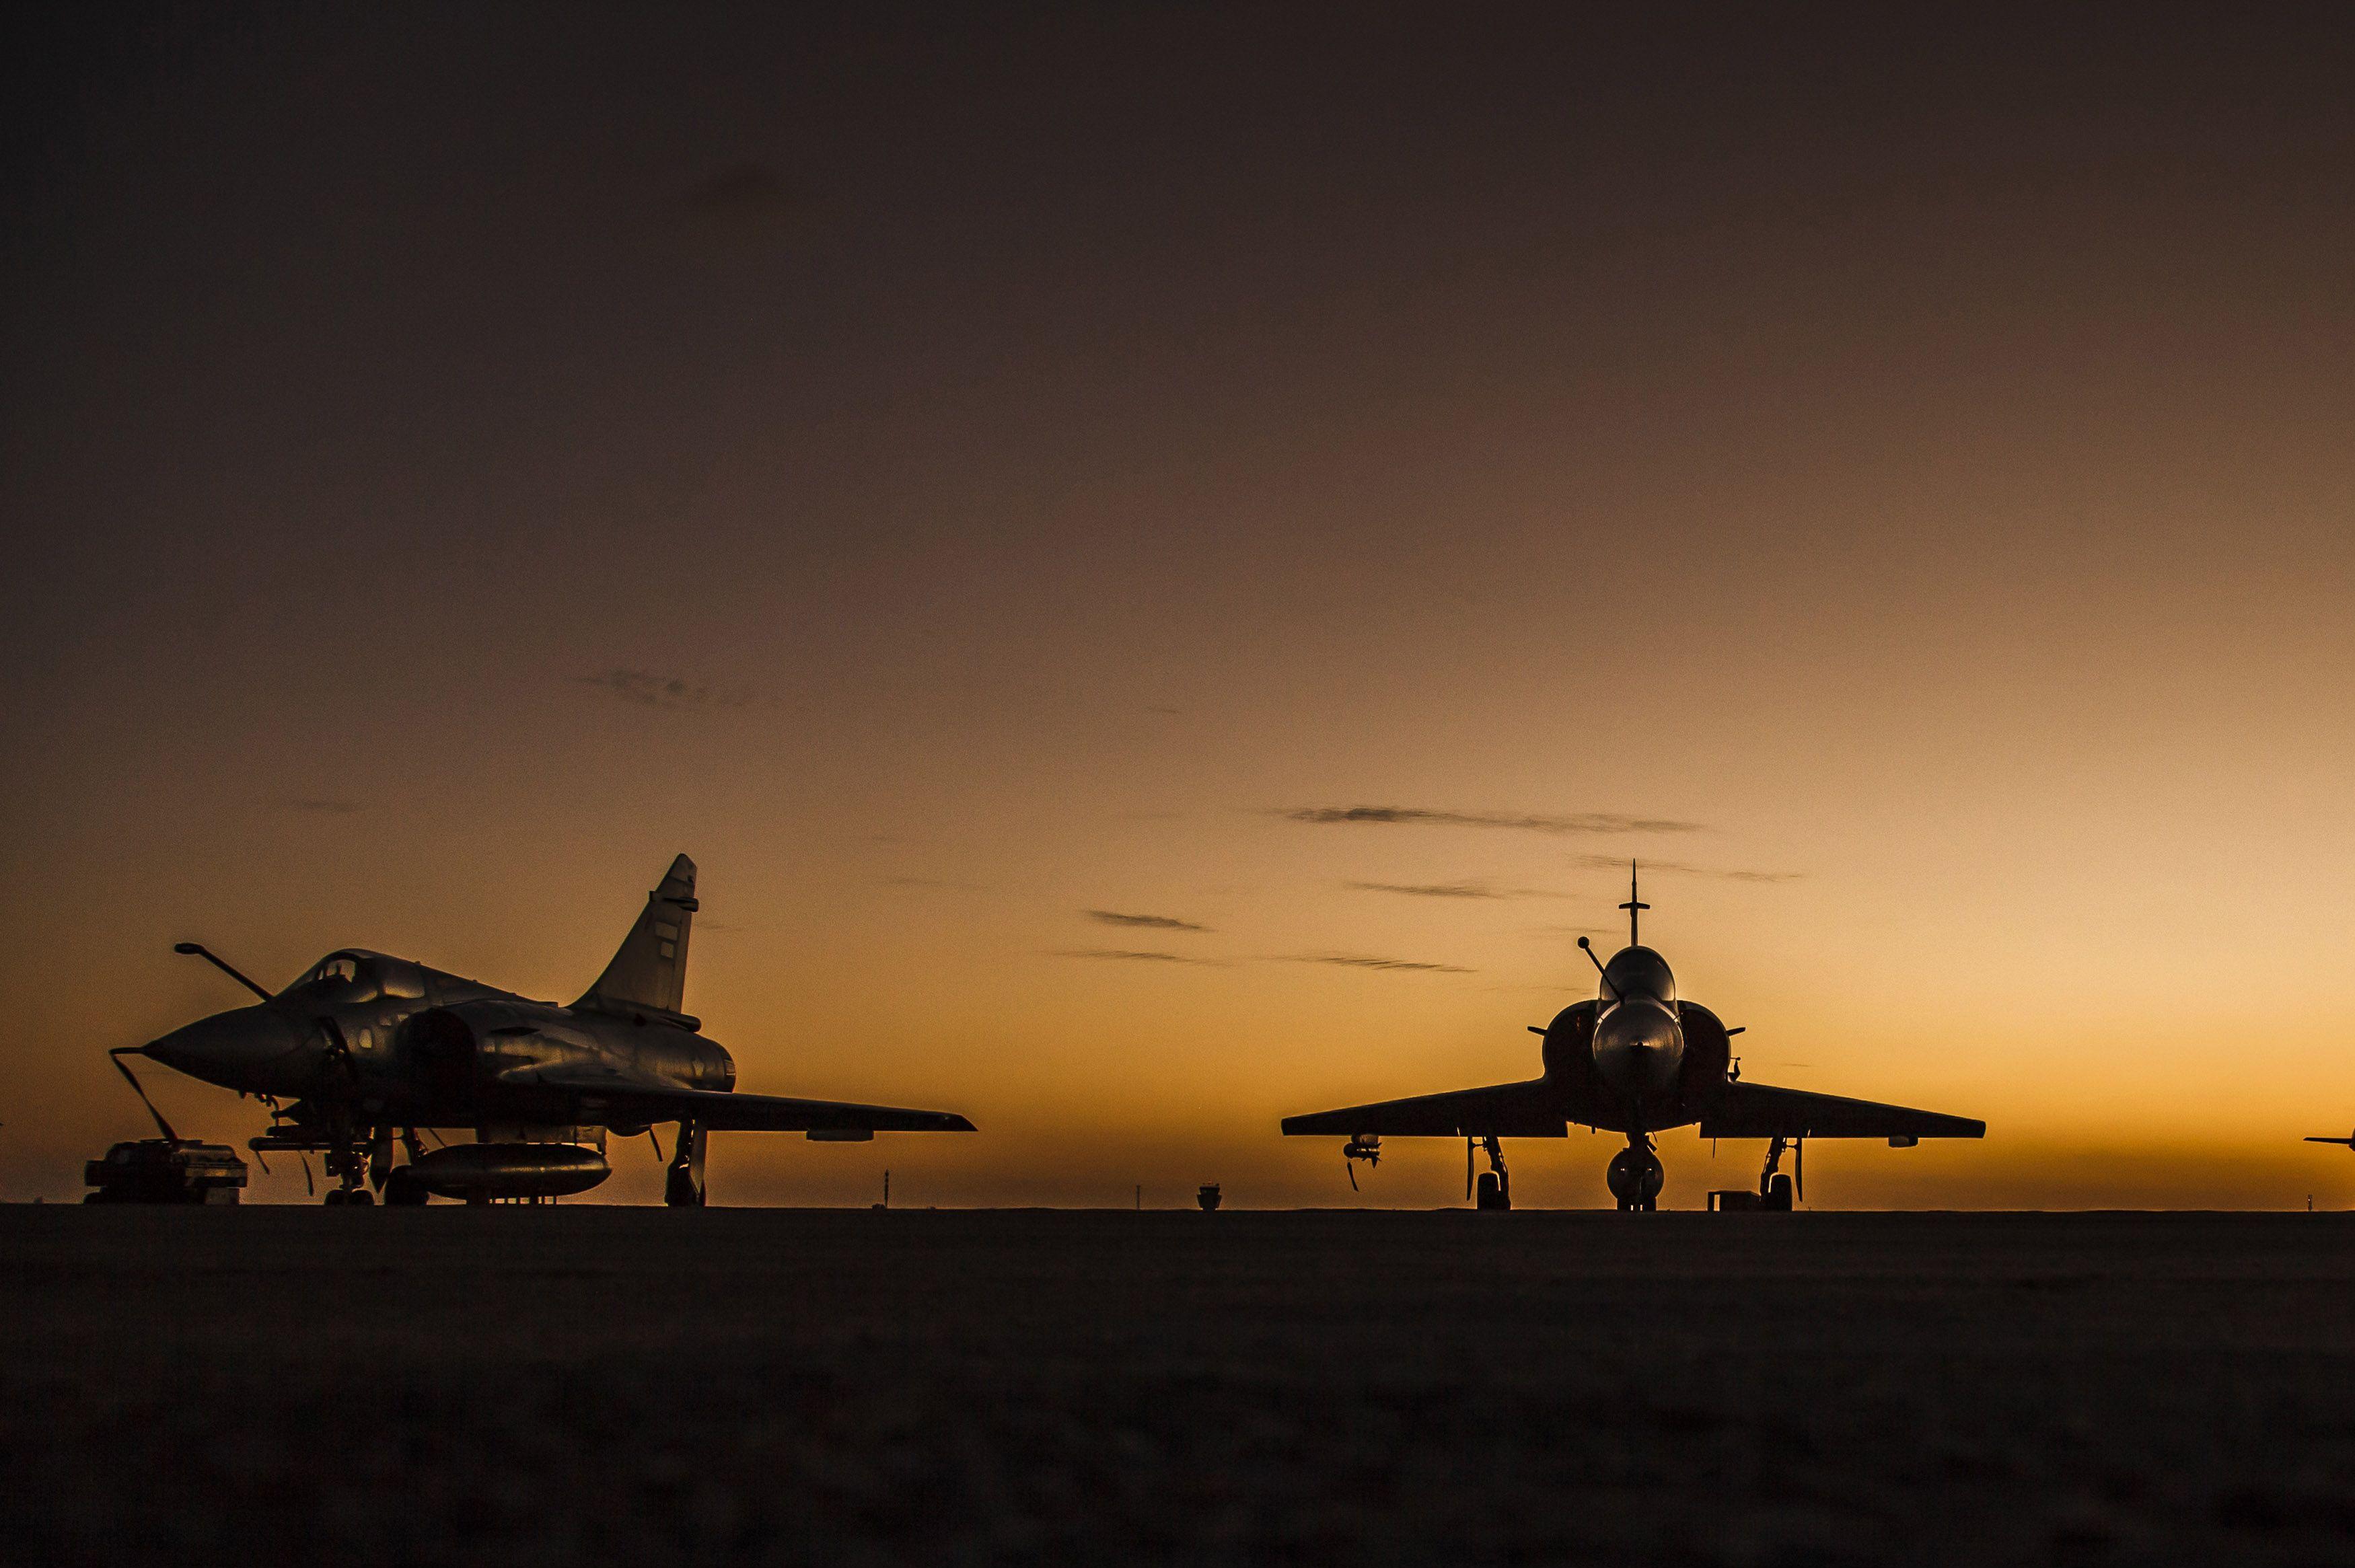 Military Dassault Mirage 2000 Jet Fighter Aircraft Warplane Sunset